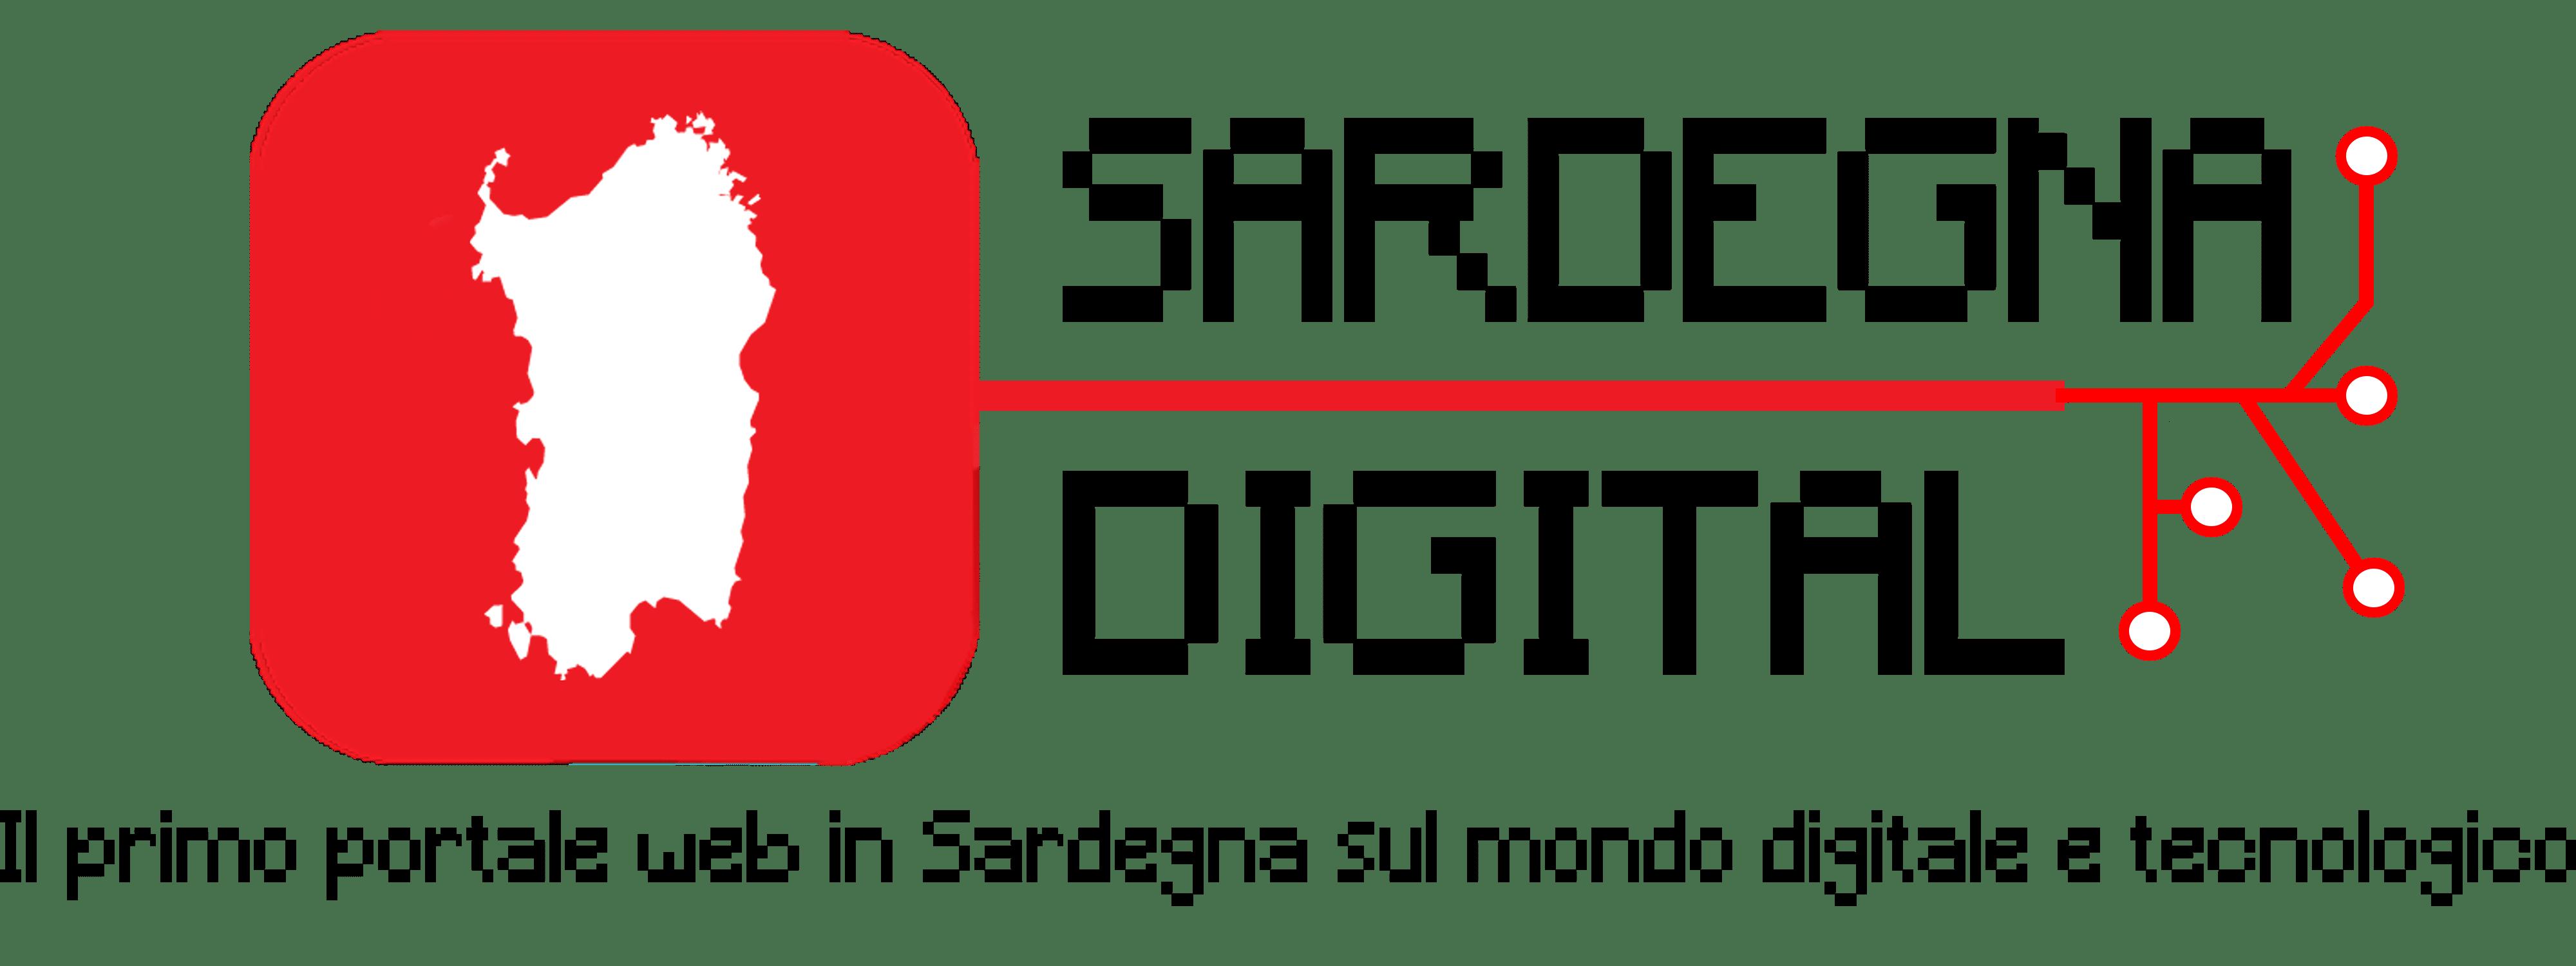 Sardegna Digital